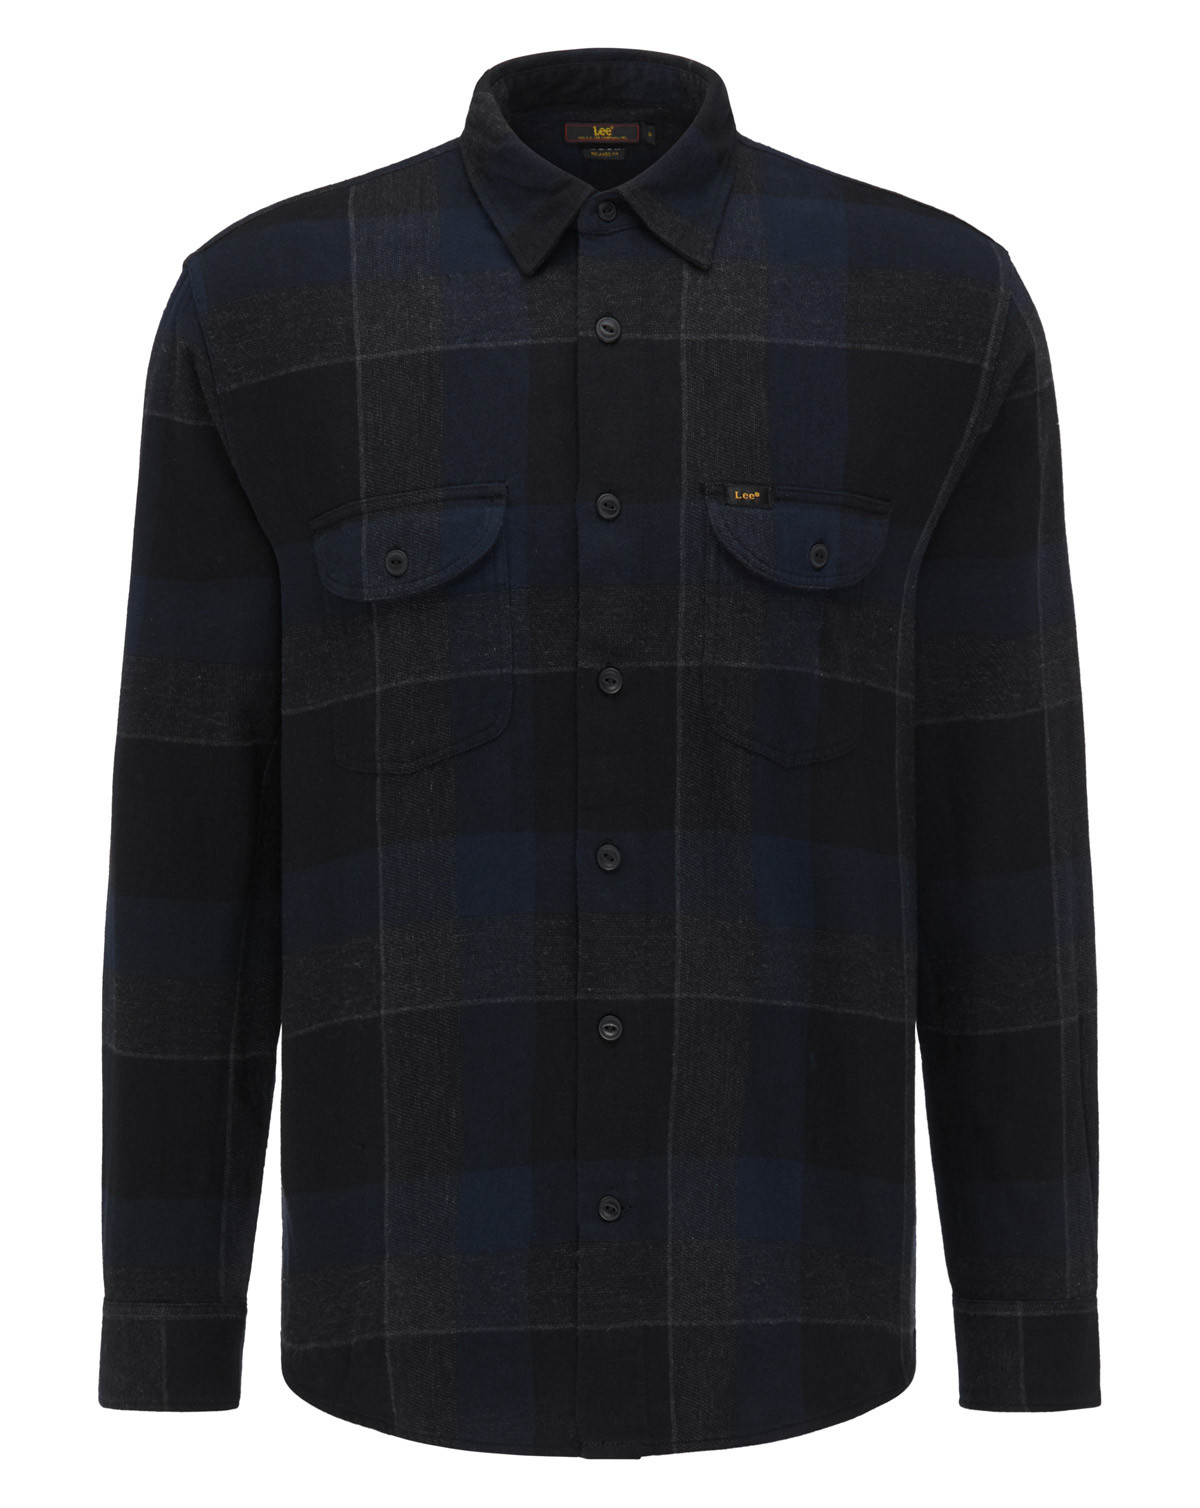 Lee Regular Fit Checked Worker Shirt (Blue / Black, L)